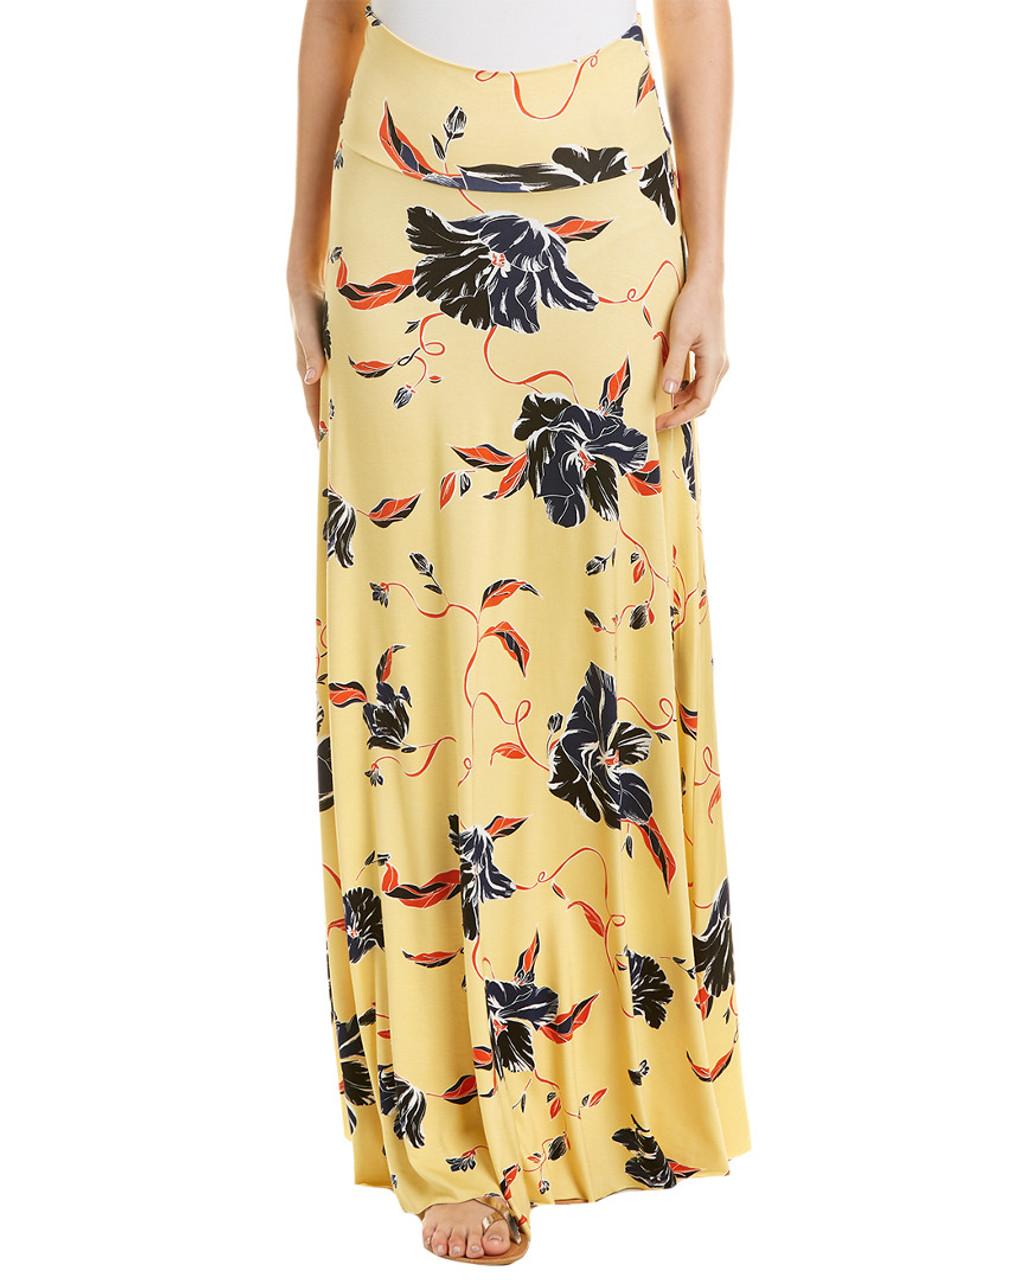 e7cb5a9611ea7 Rachel Pally Printed Maxi Skirt~1411144972 - Elder-Beerman